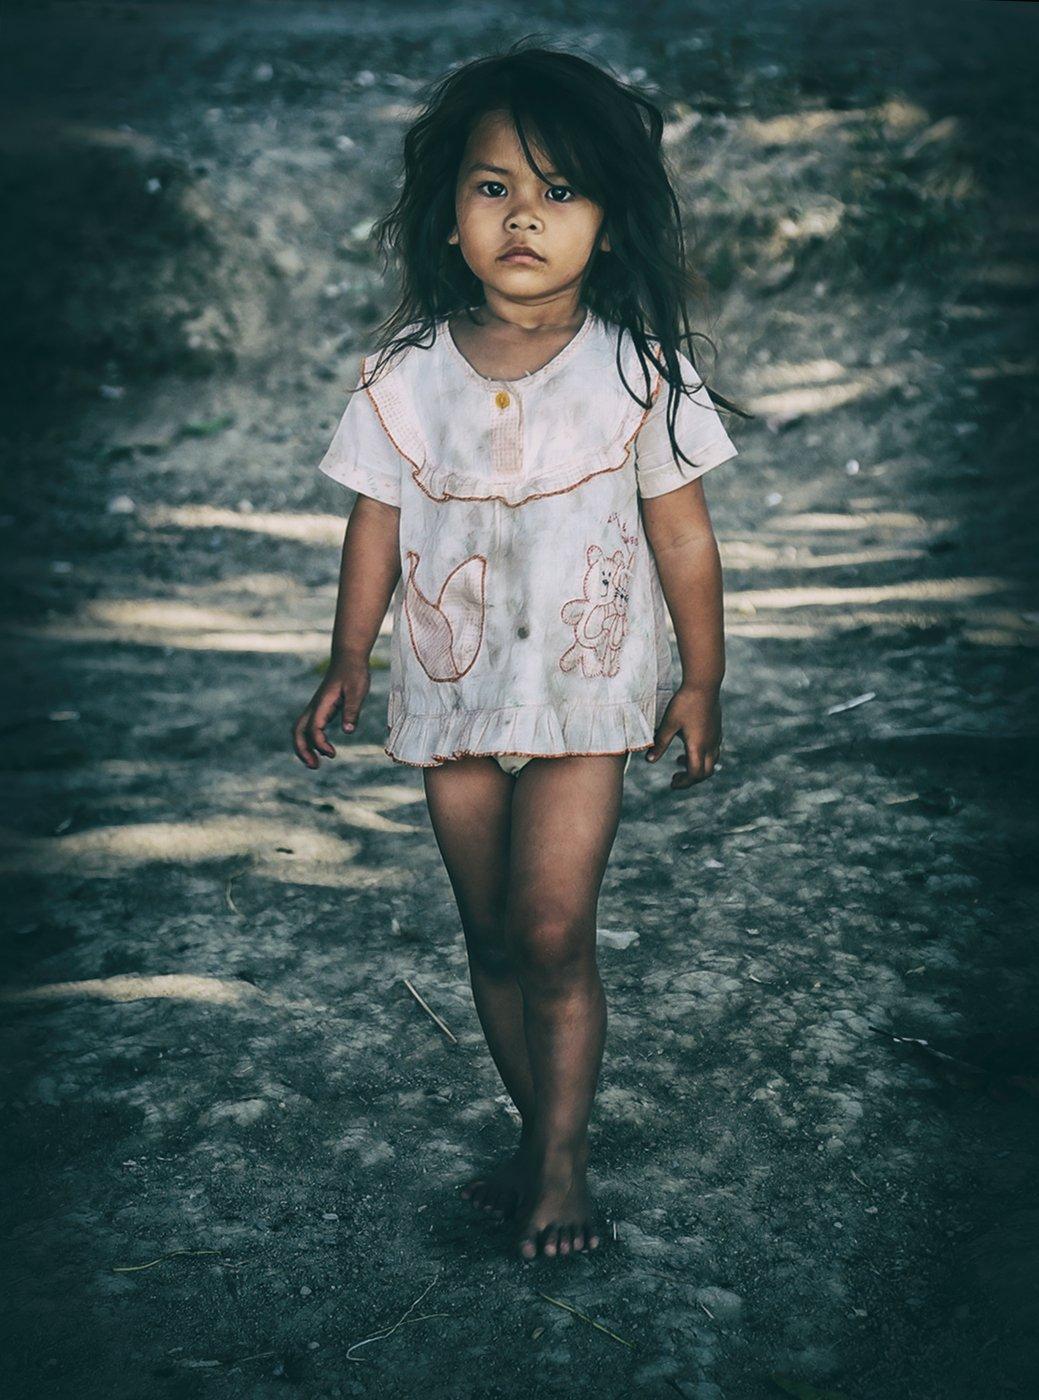 девочка, замарашка, босоногая, ребёнок, босая, индонезия, Алла Соколова